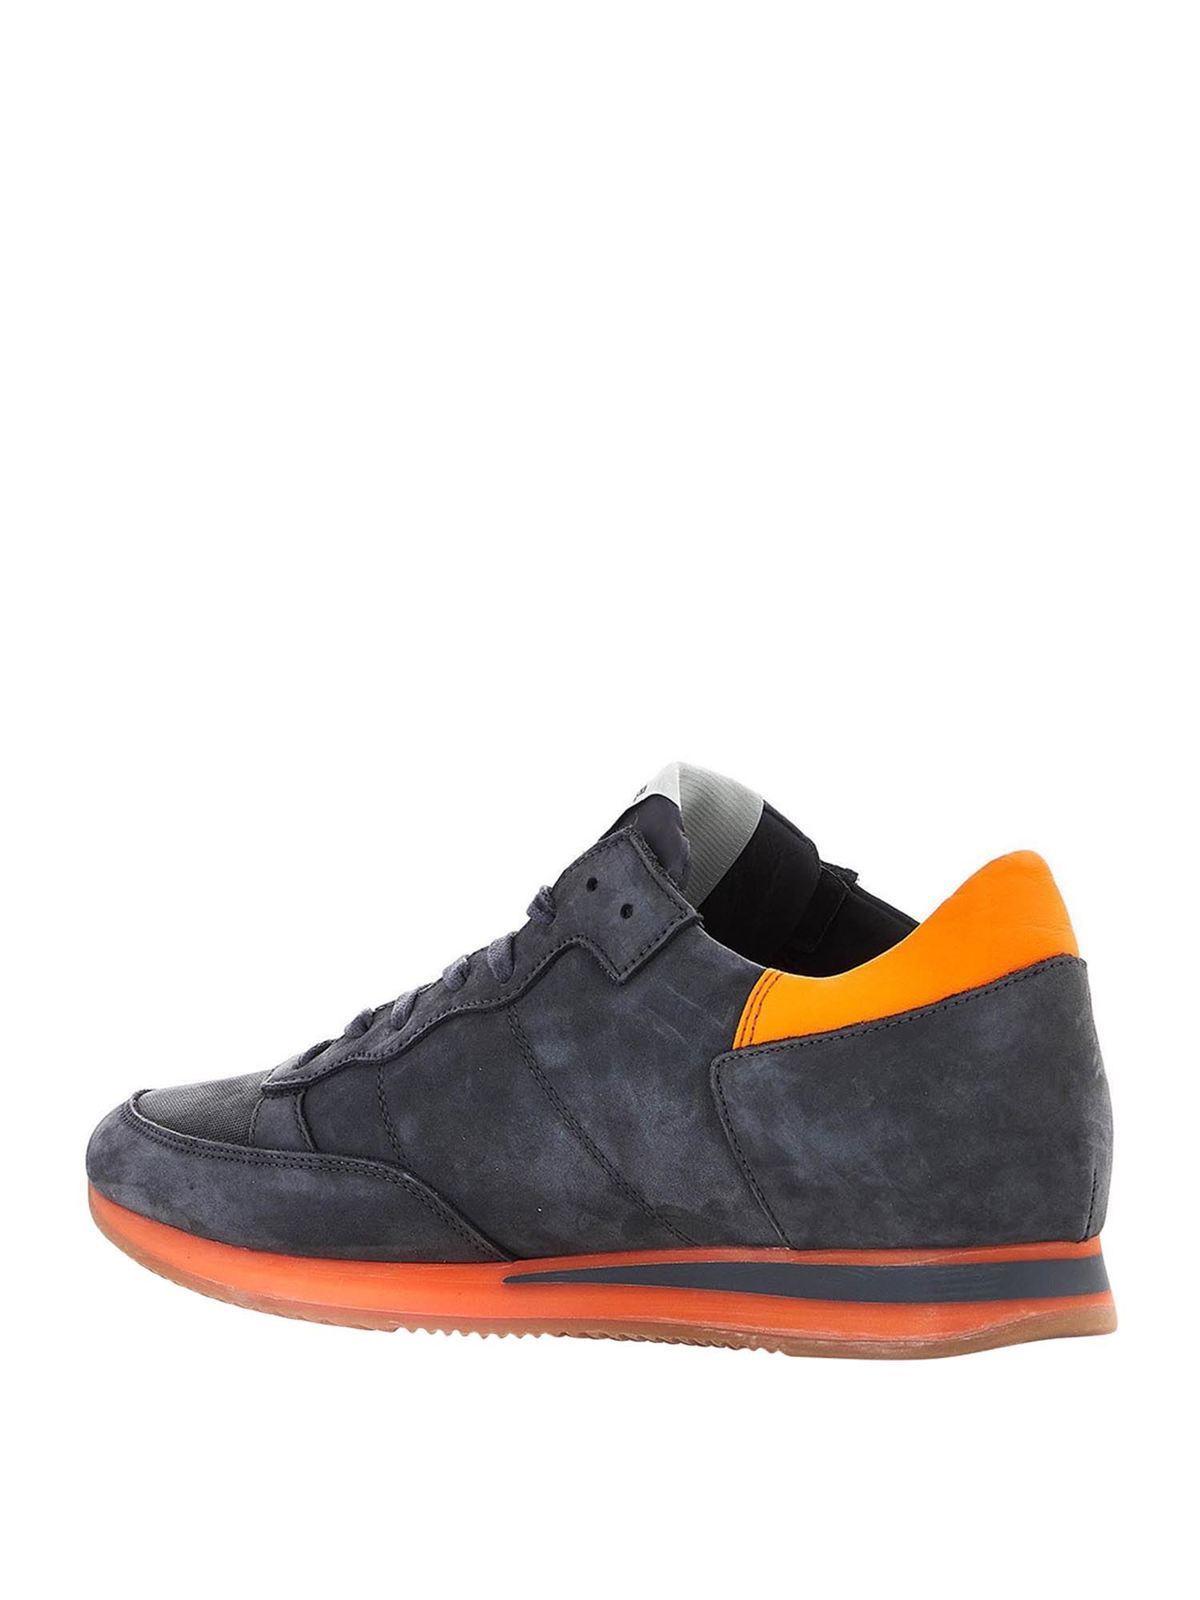 Philippe Model - Tropez L sneakers in